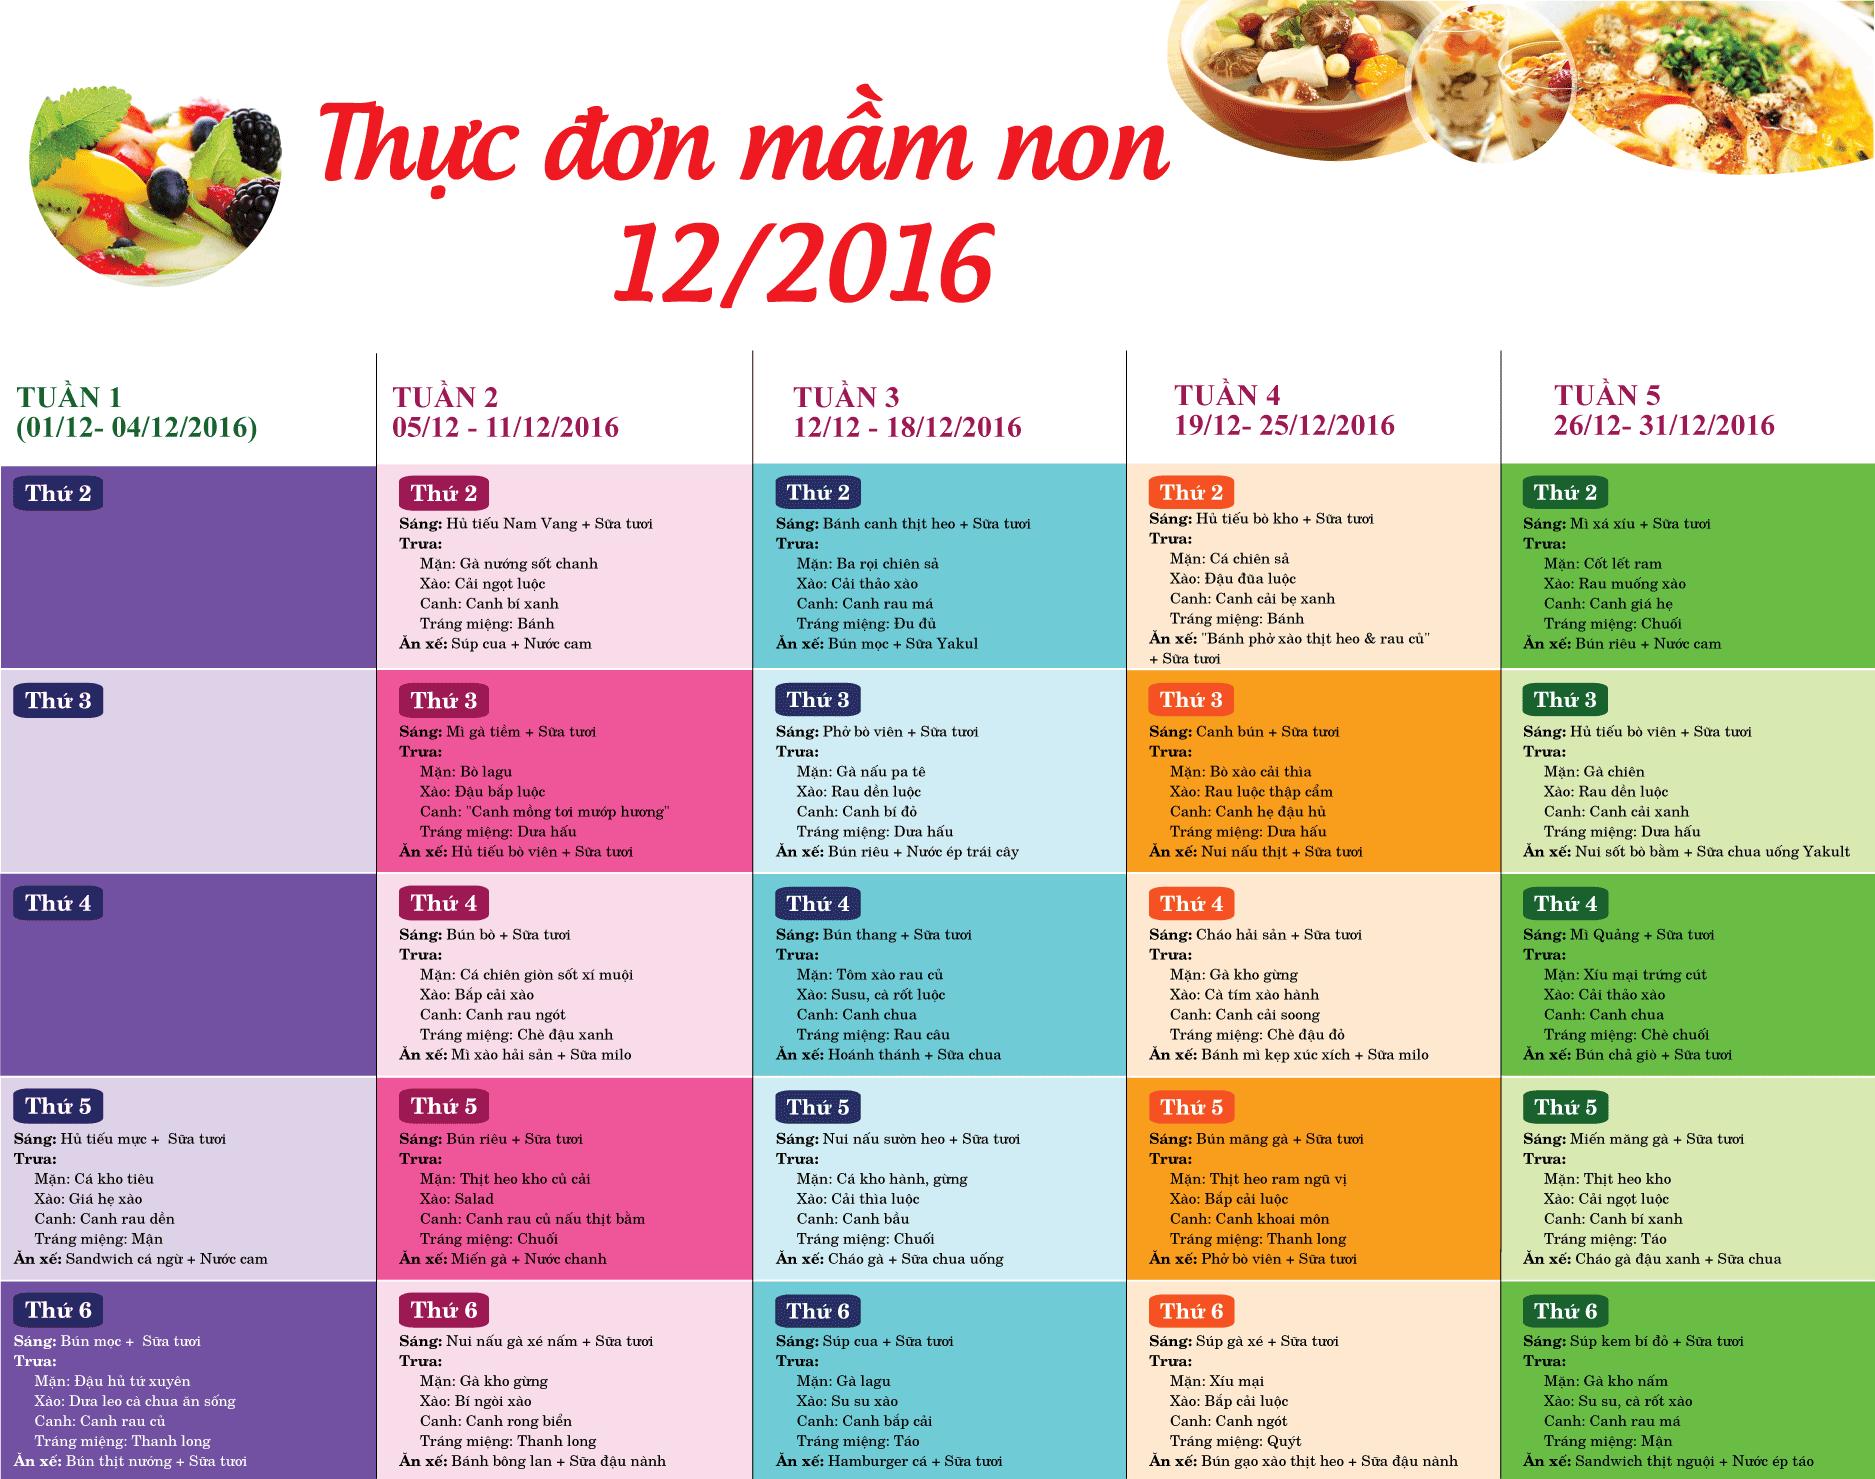 thuc don wass khoi mam non 12.2016